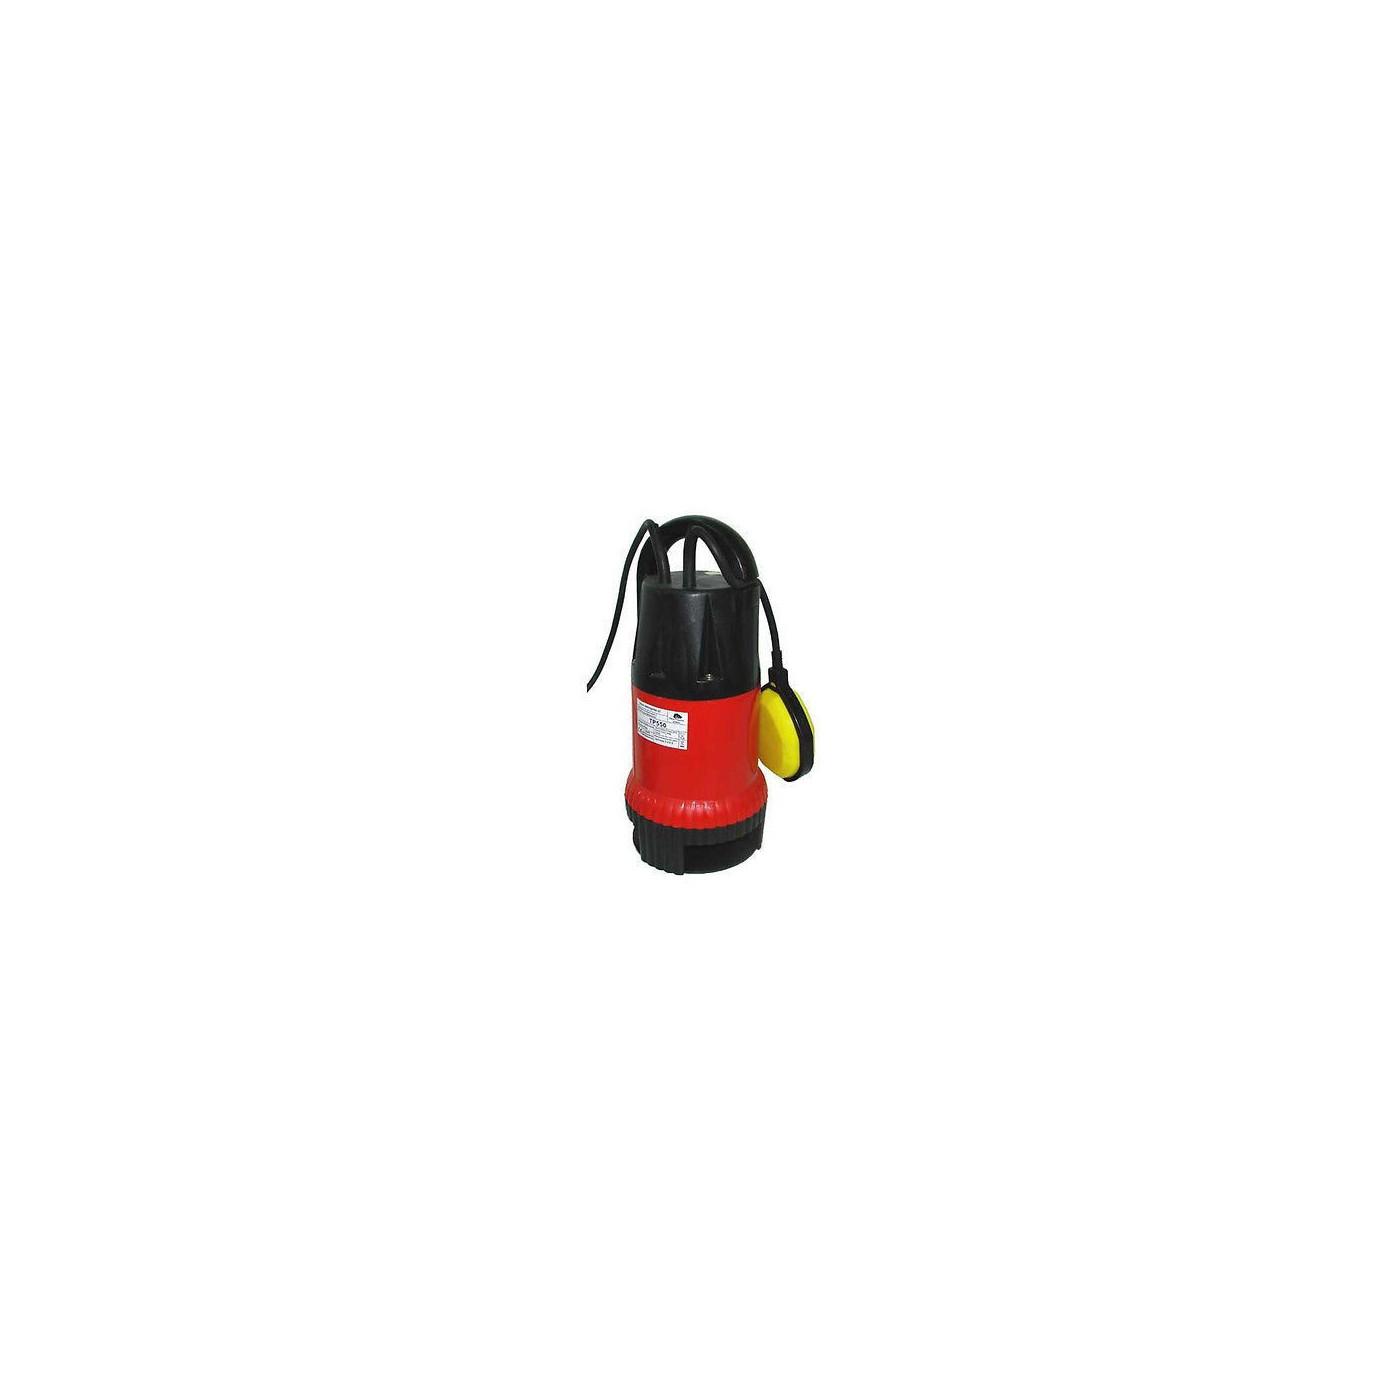 Pumpe 550W Wasserpumpe Gartenpumpe Tauchpumpe Regenfasspumpe Schwimmerschalter